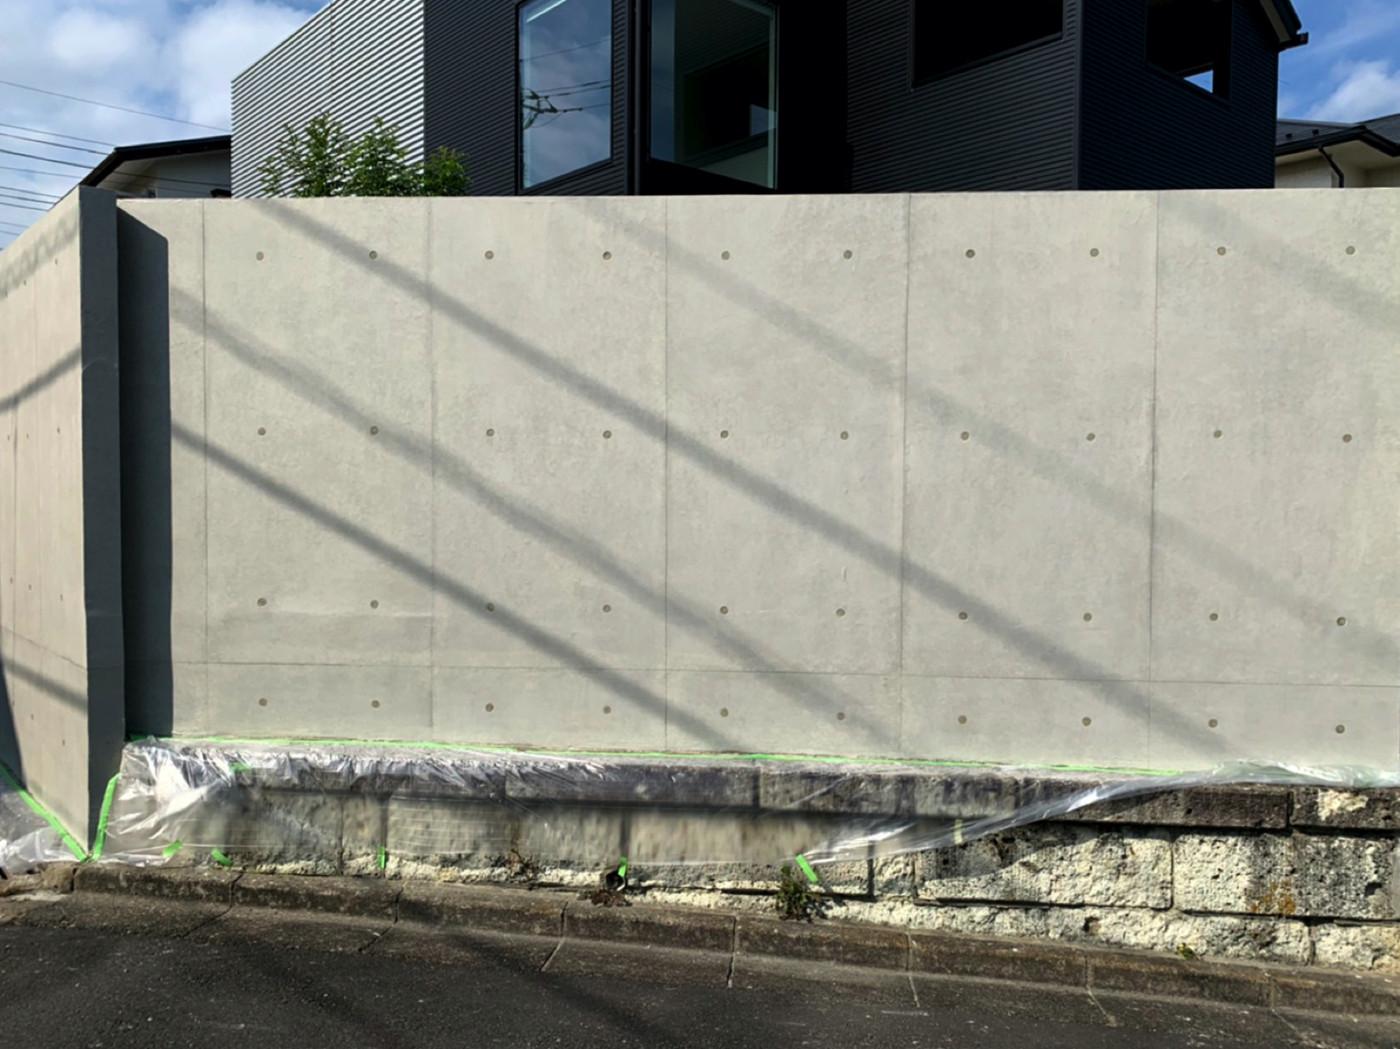 神奈川県 アートフリーダム株式会社 グランドアートウォール施工イメージ1880_07